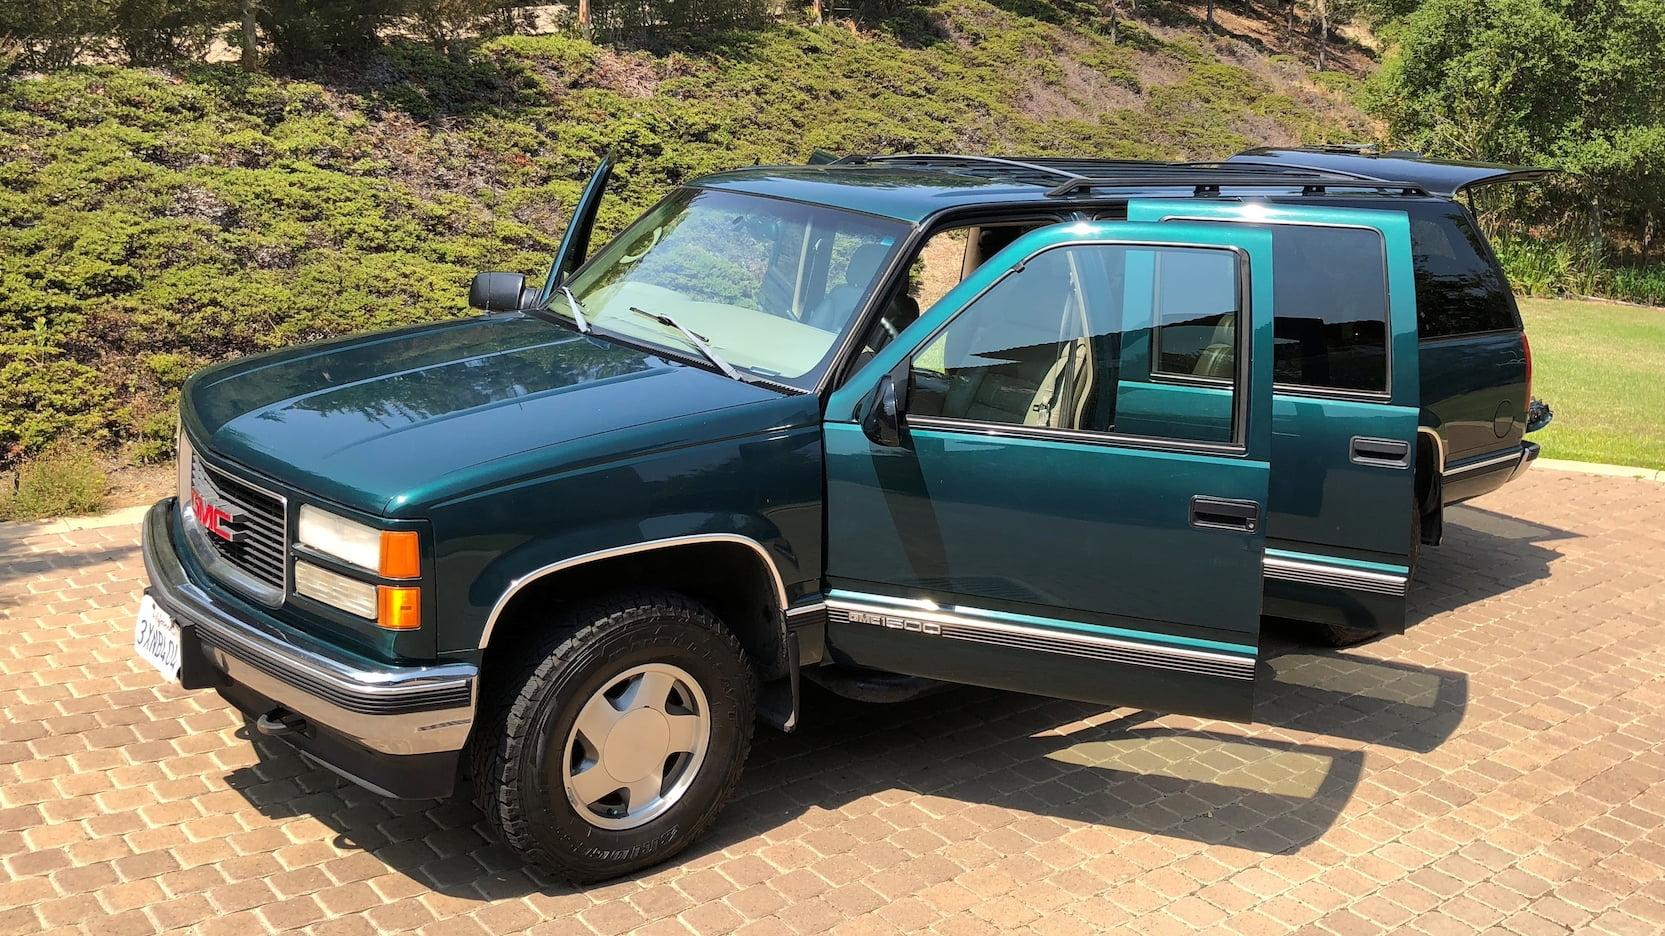 1998 GMC Suburban SLT doors open wide